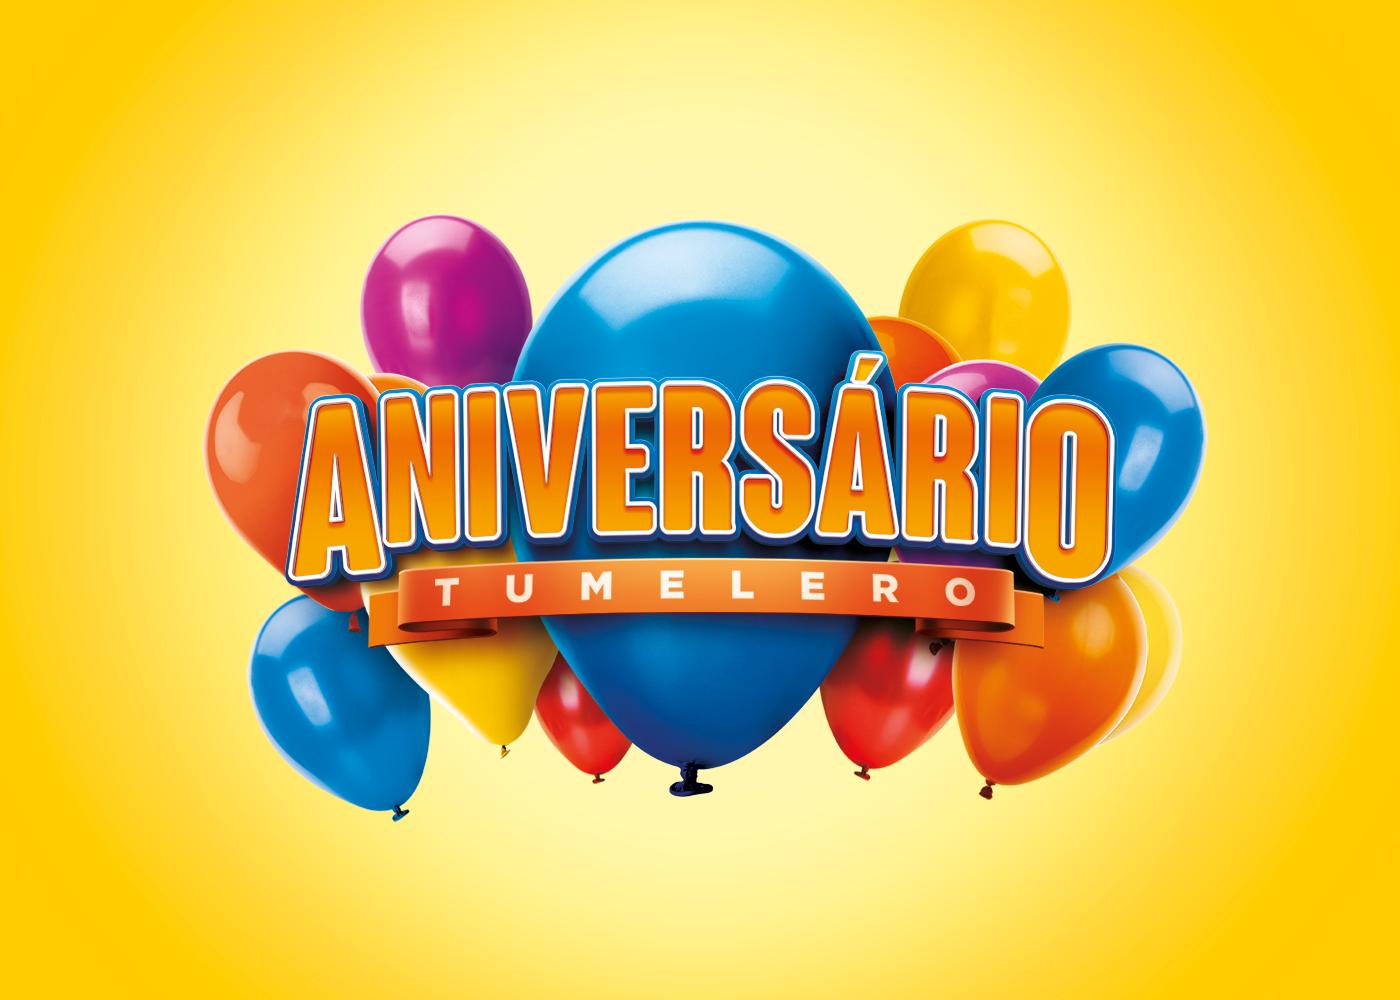 promo sales store warehouse varejo logos Letterings Tumelero